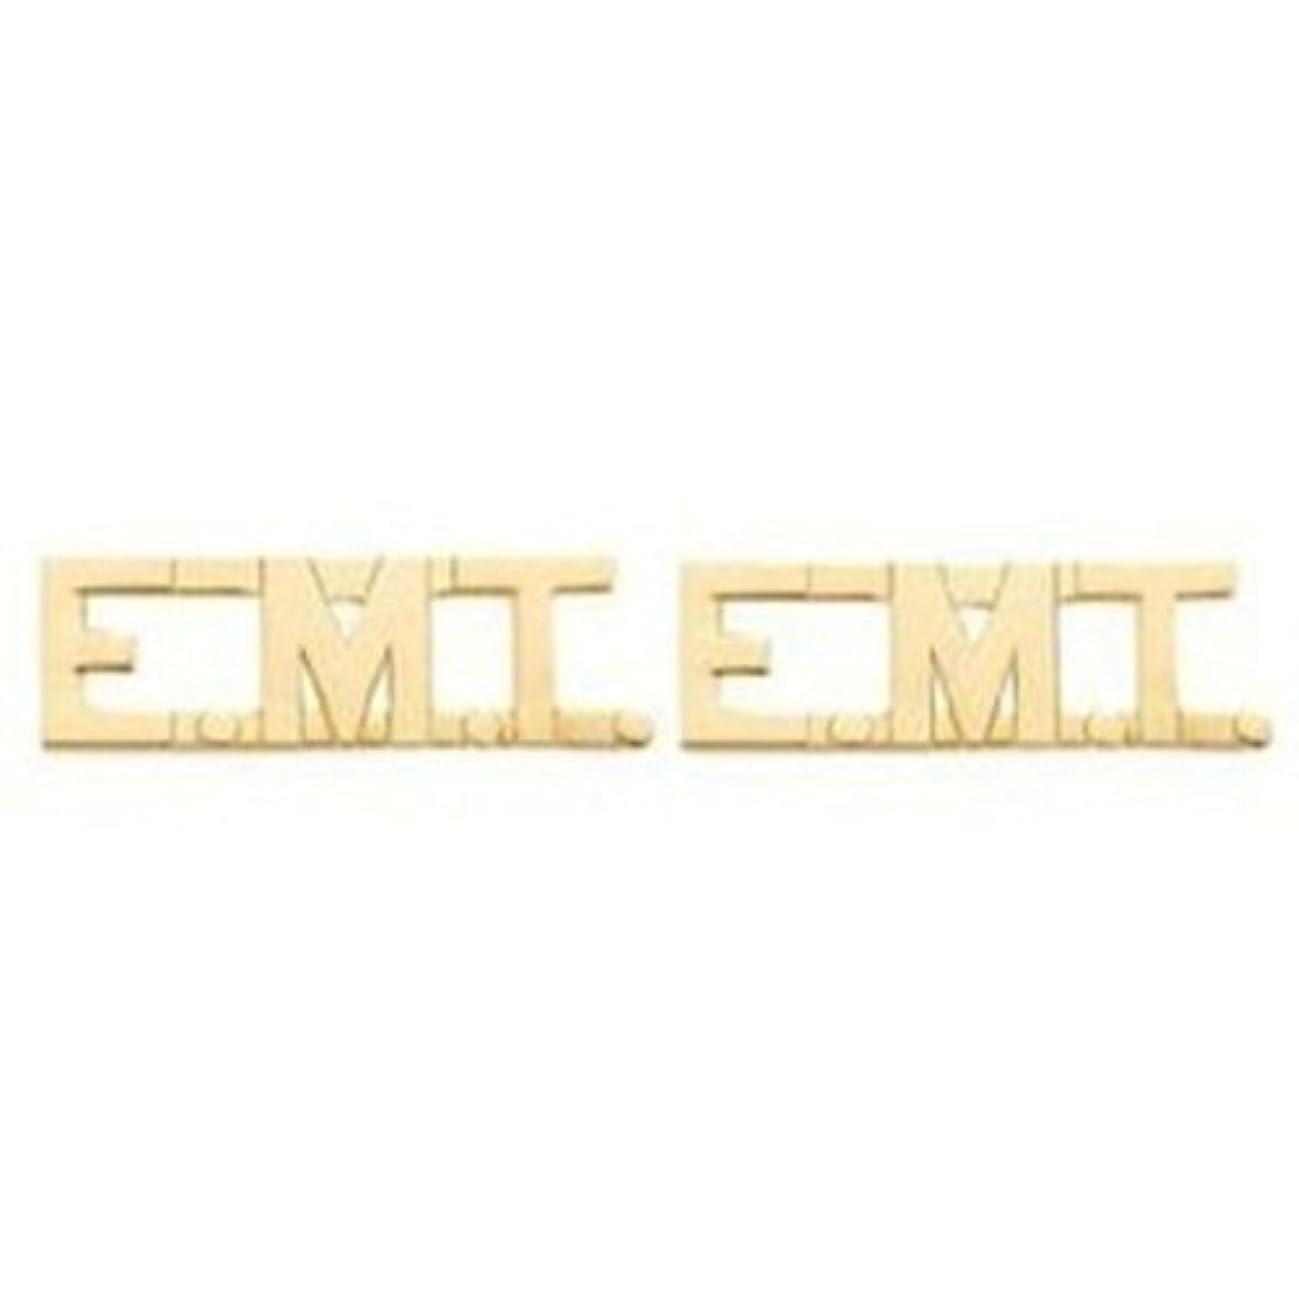 EMT E.MT. EMERGENCY MEDICAL TECHNICIAN Gold Uniform Shirt Collar Pins Brass